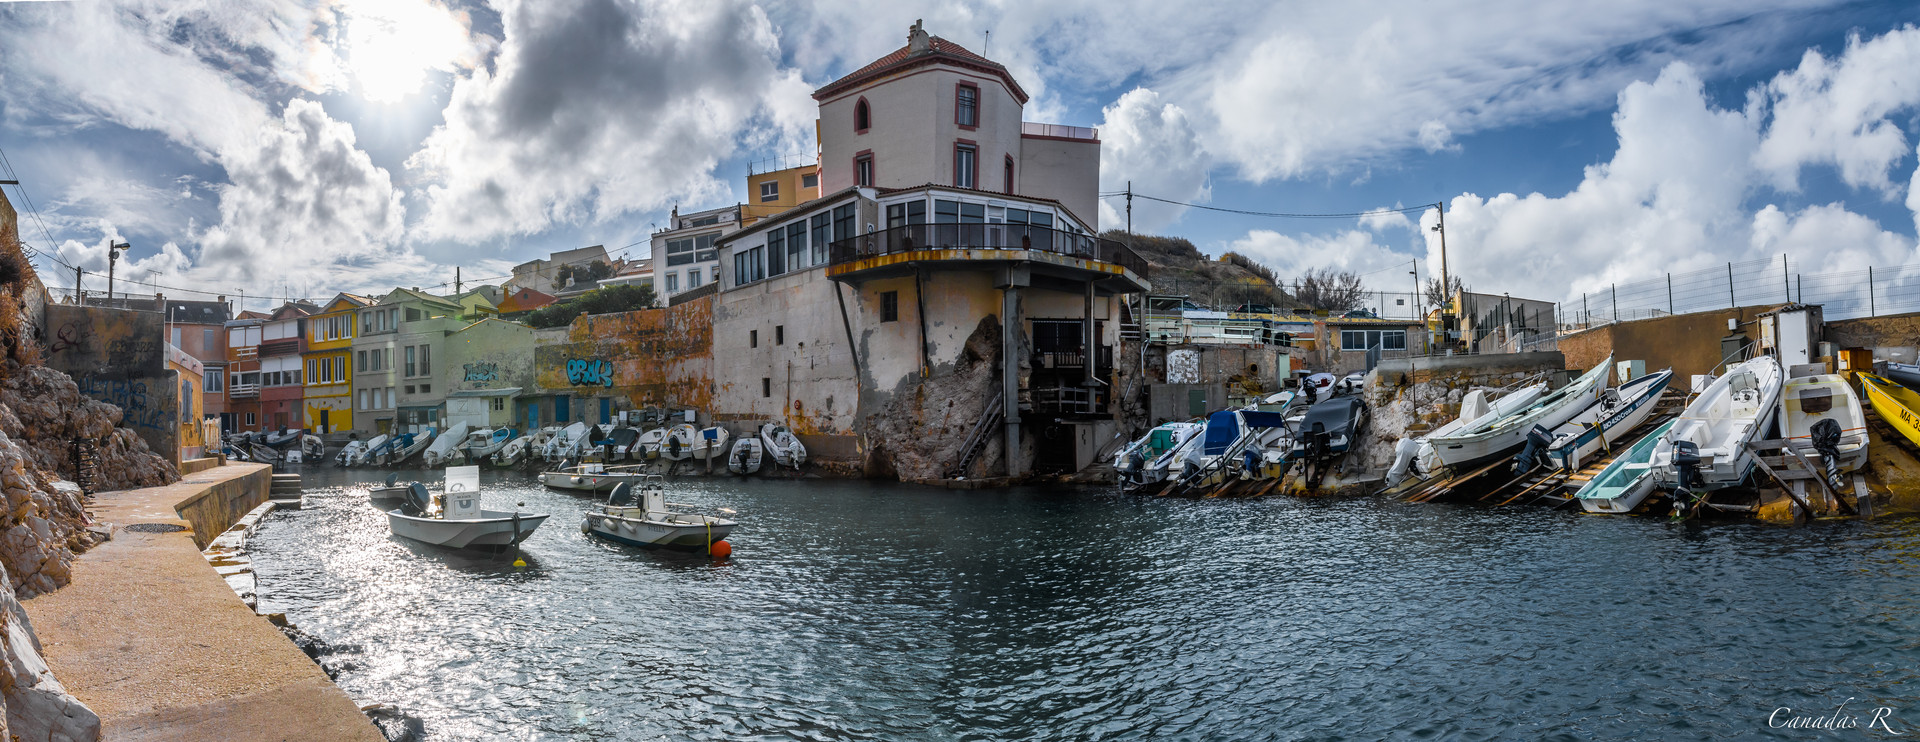 Port de Malmousque-2.jpg